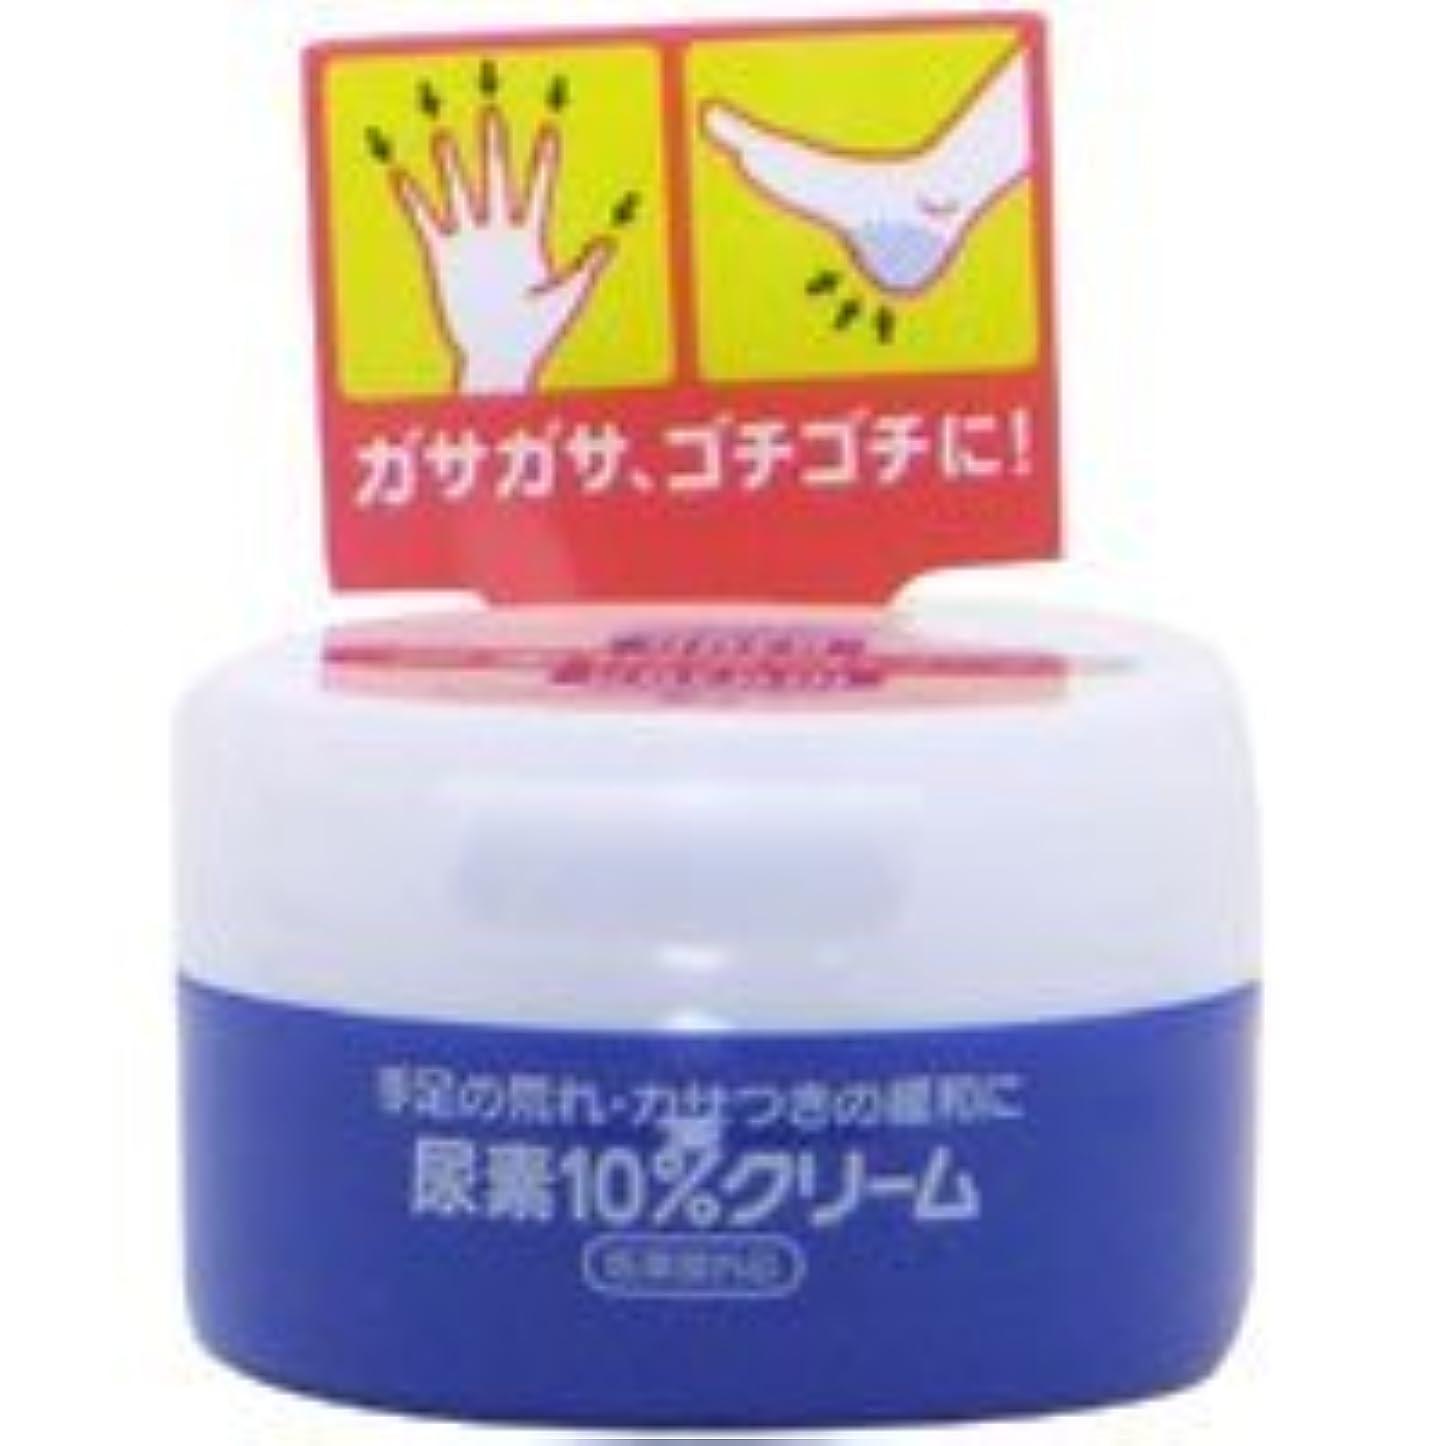 なだめる脚本雲【エフティ資生堂】尿素10% クリーム ジャー 100g